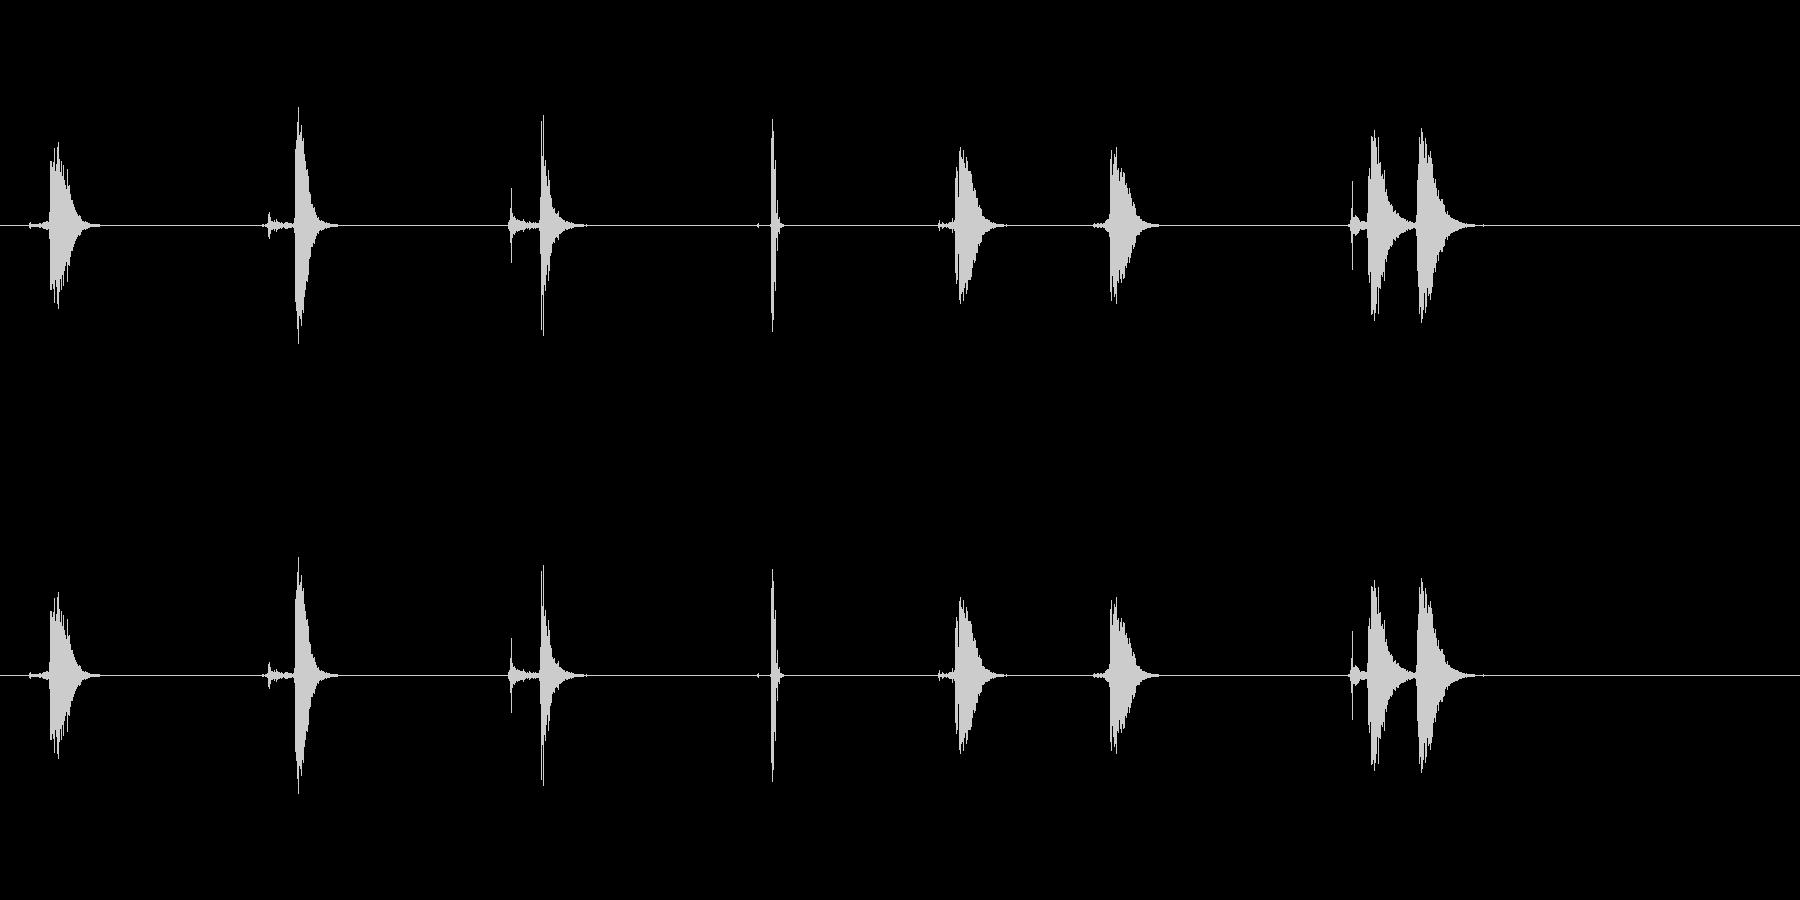 ハートビート58 Bpmの未再生の波形